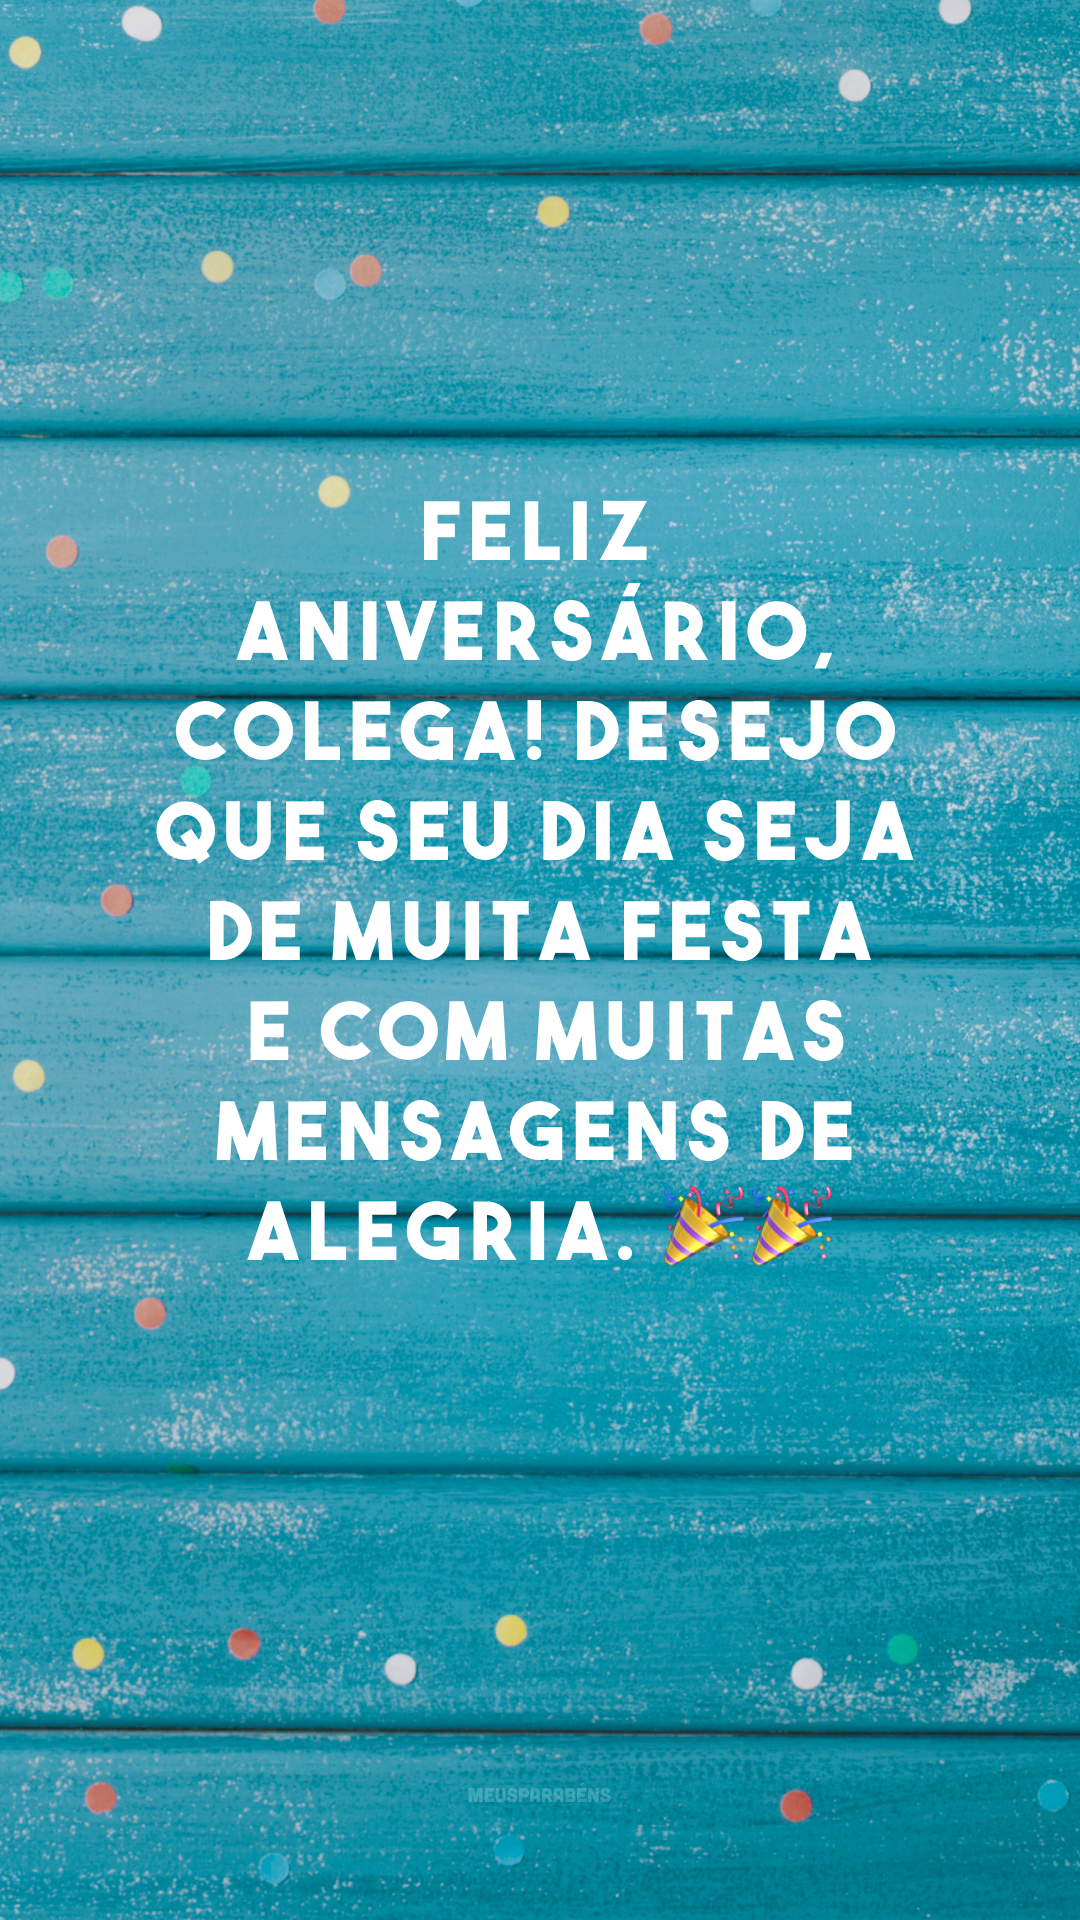 Feliz aniversário, colega! Desejo que seu dia seja de muita festa e com muitas mensagens de alegria. 🎉🎉